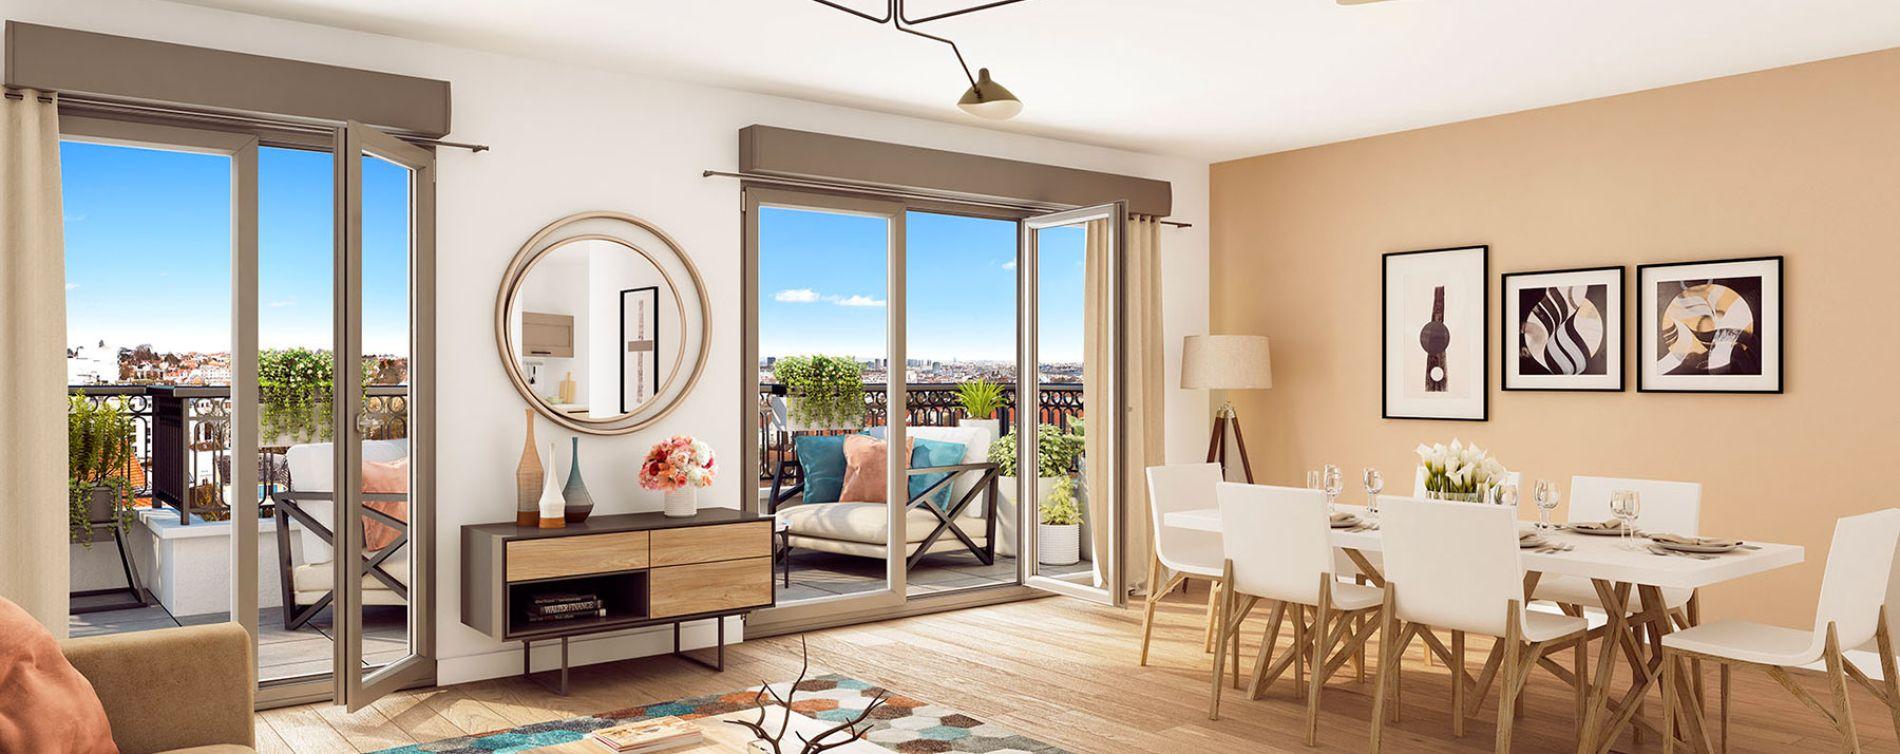 Clamart : programme immobilier neuve « L'Intimiste » (3)